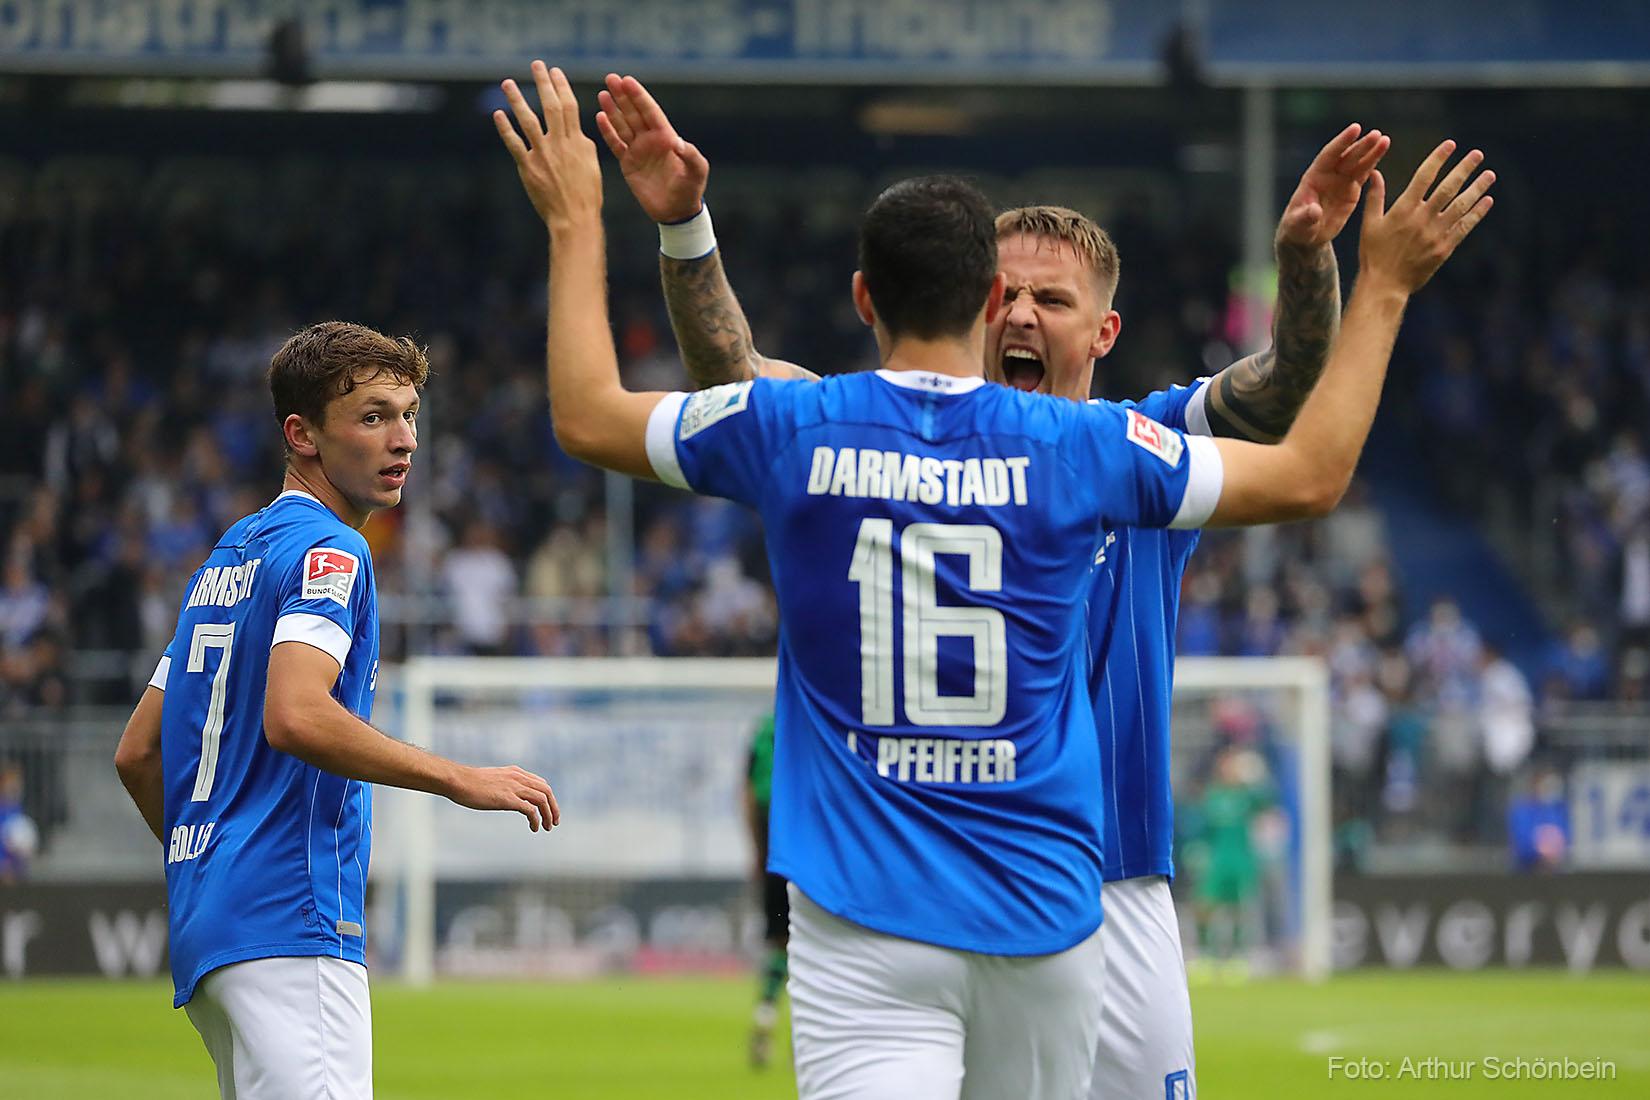 Zwischenzeugnis für die Neuzugänge des SV Darmstadt 98